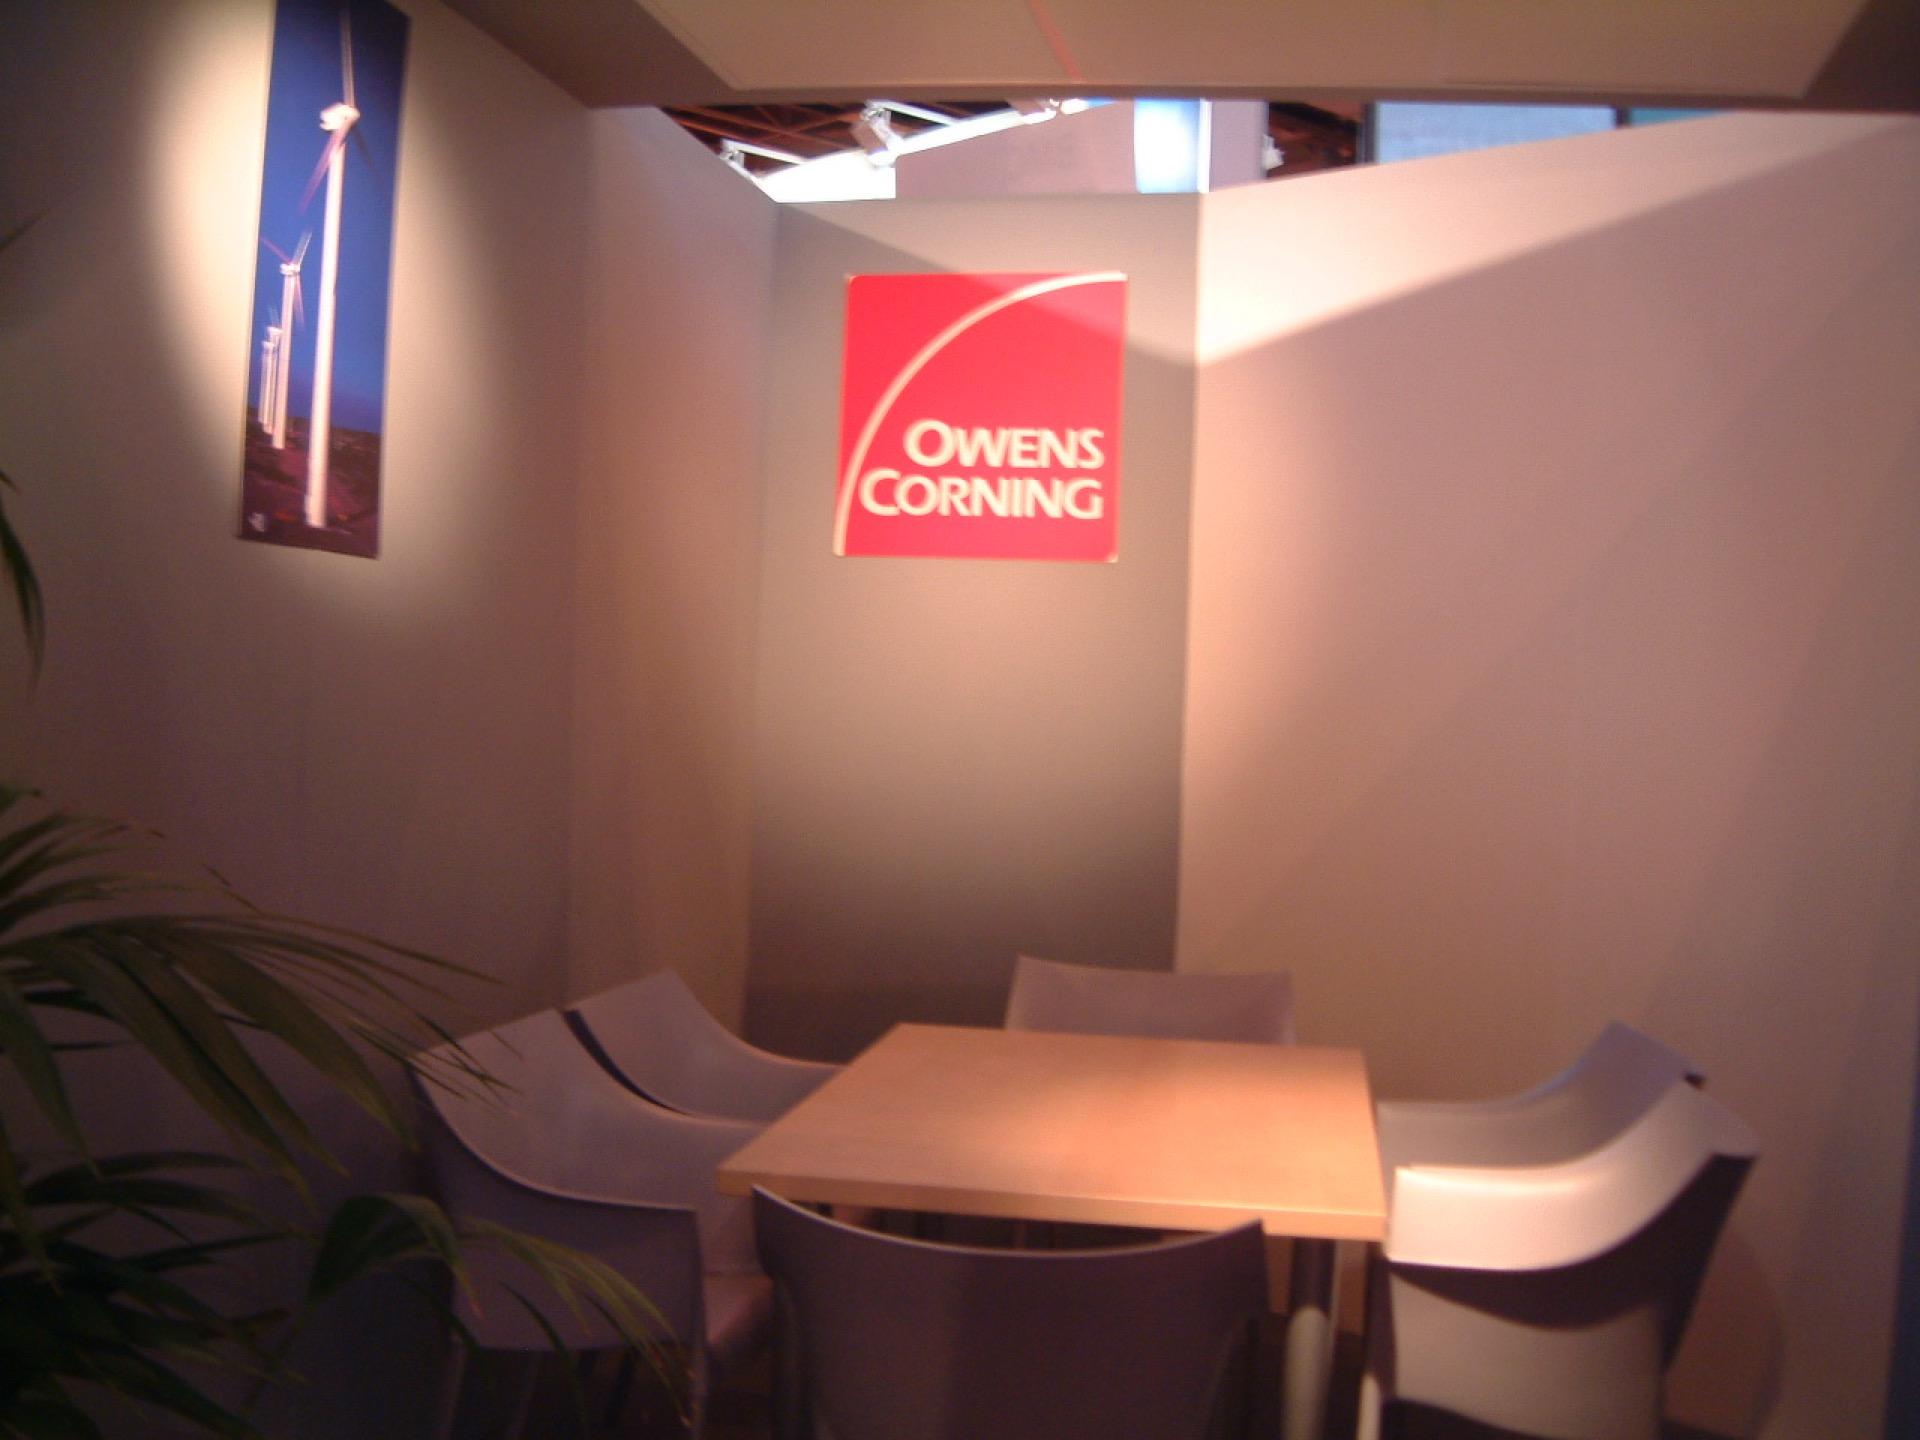 standenbouw: Owens Corning